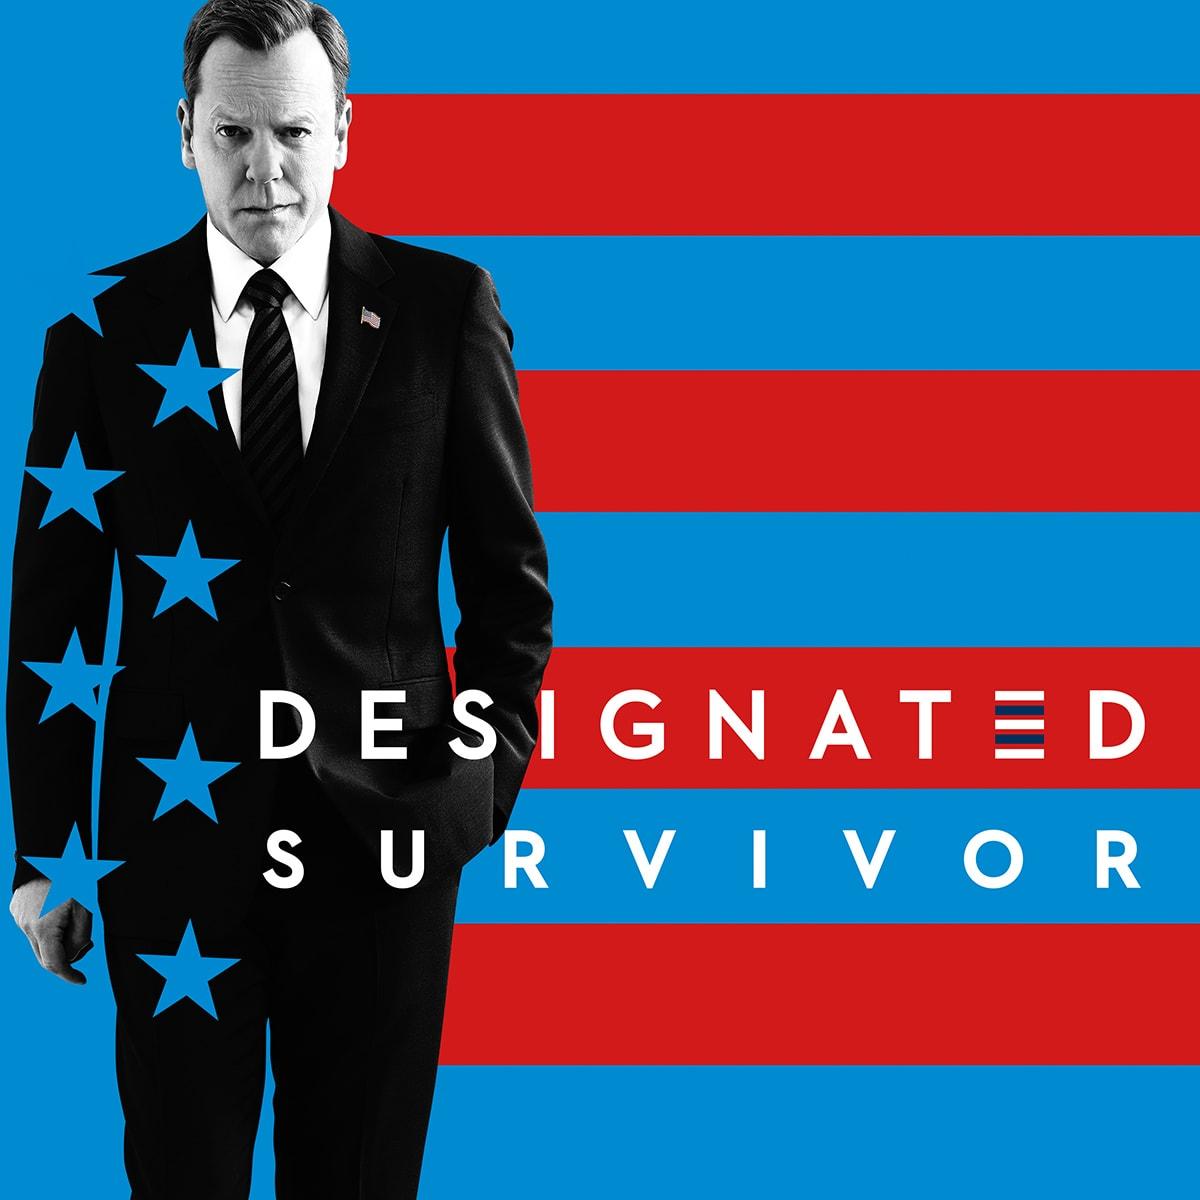 Designated Survivor Serie